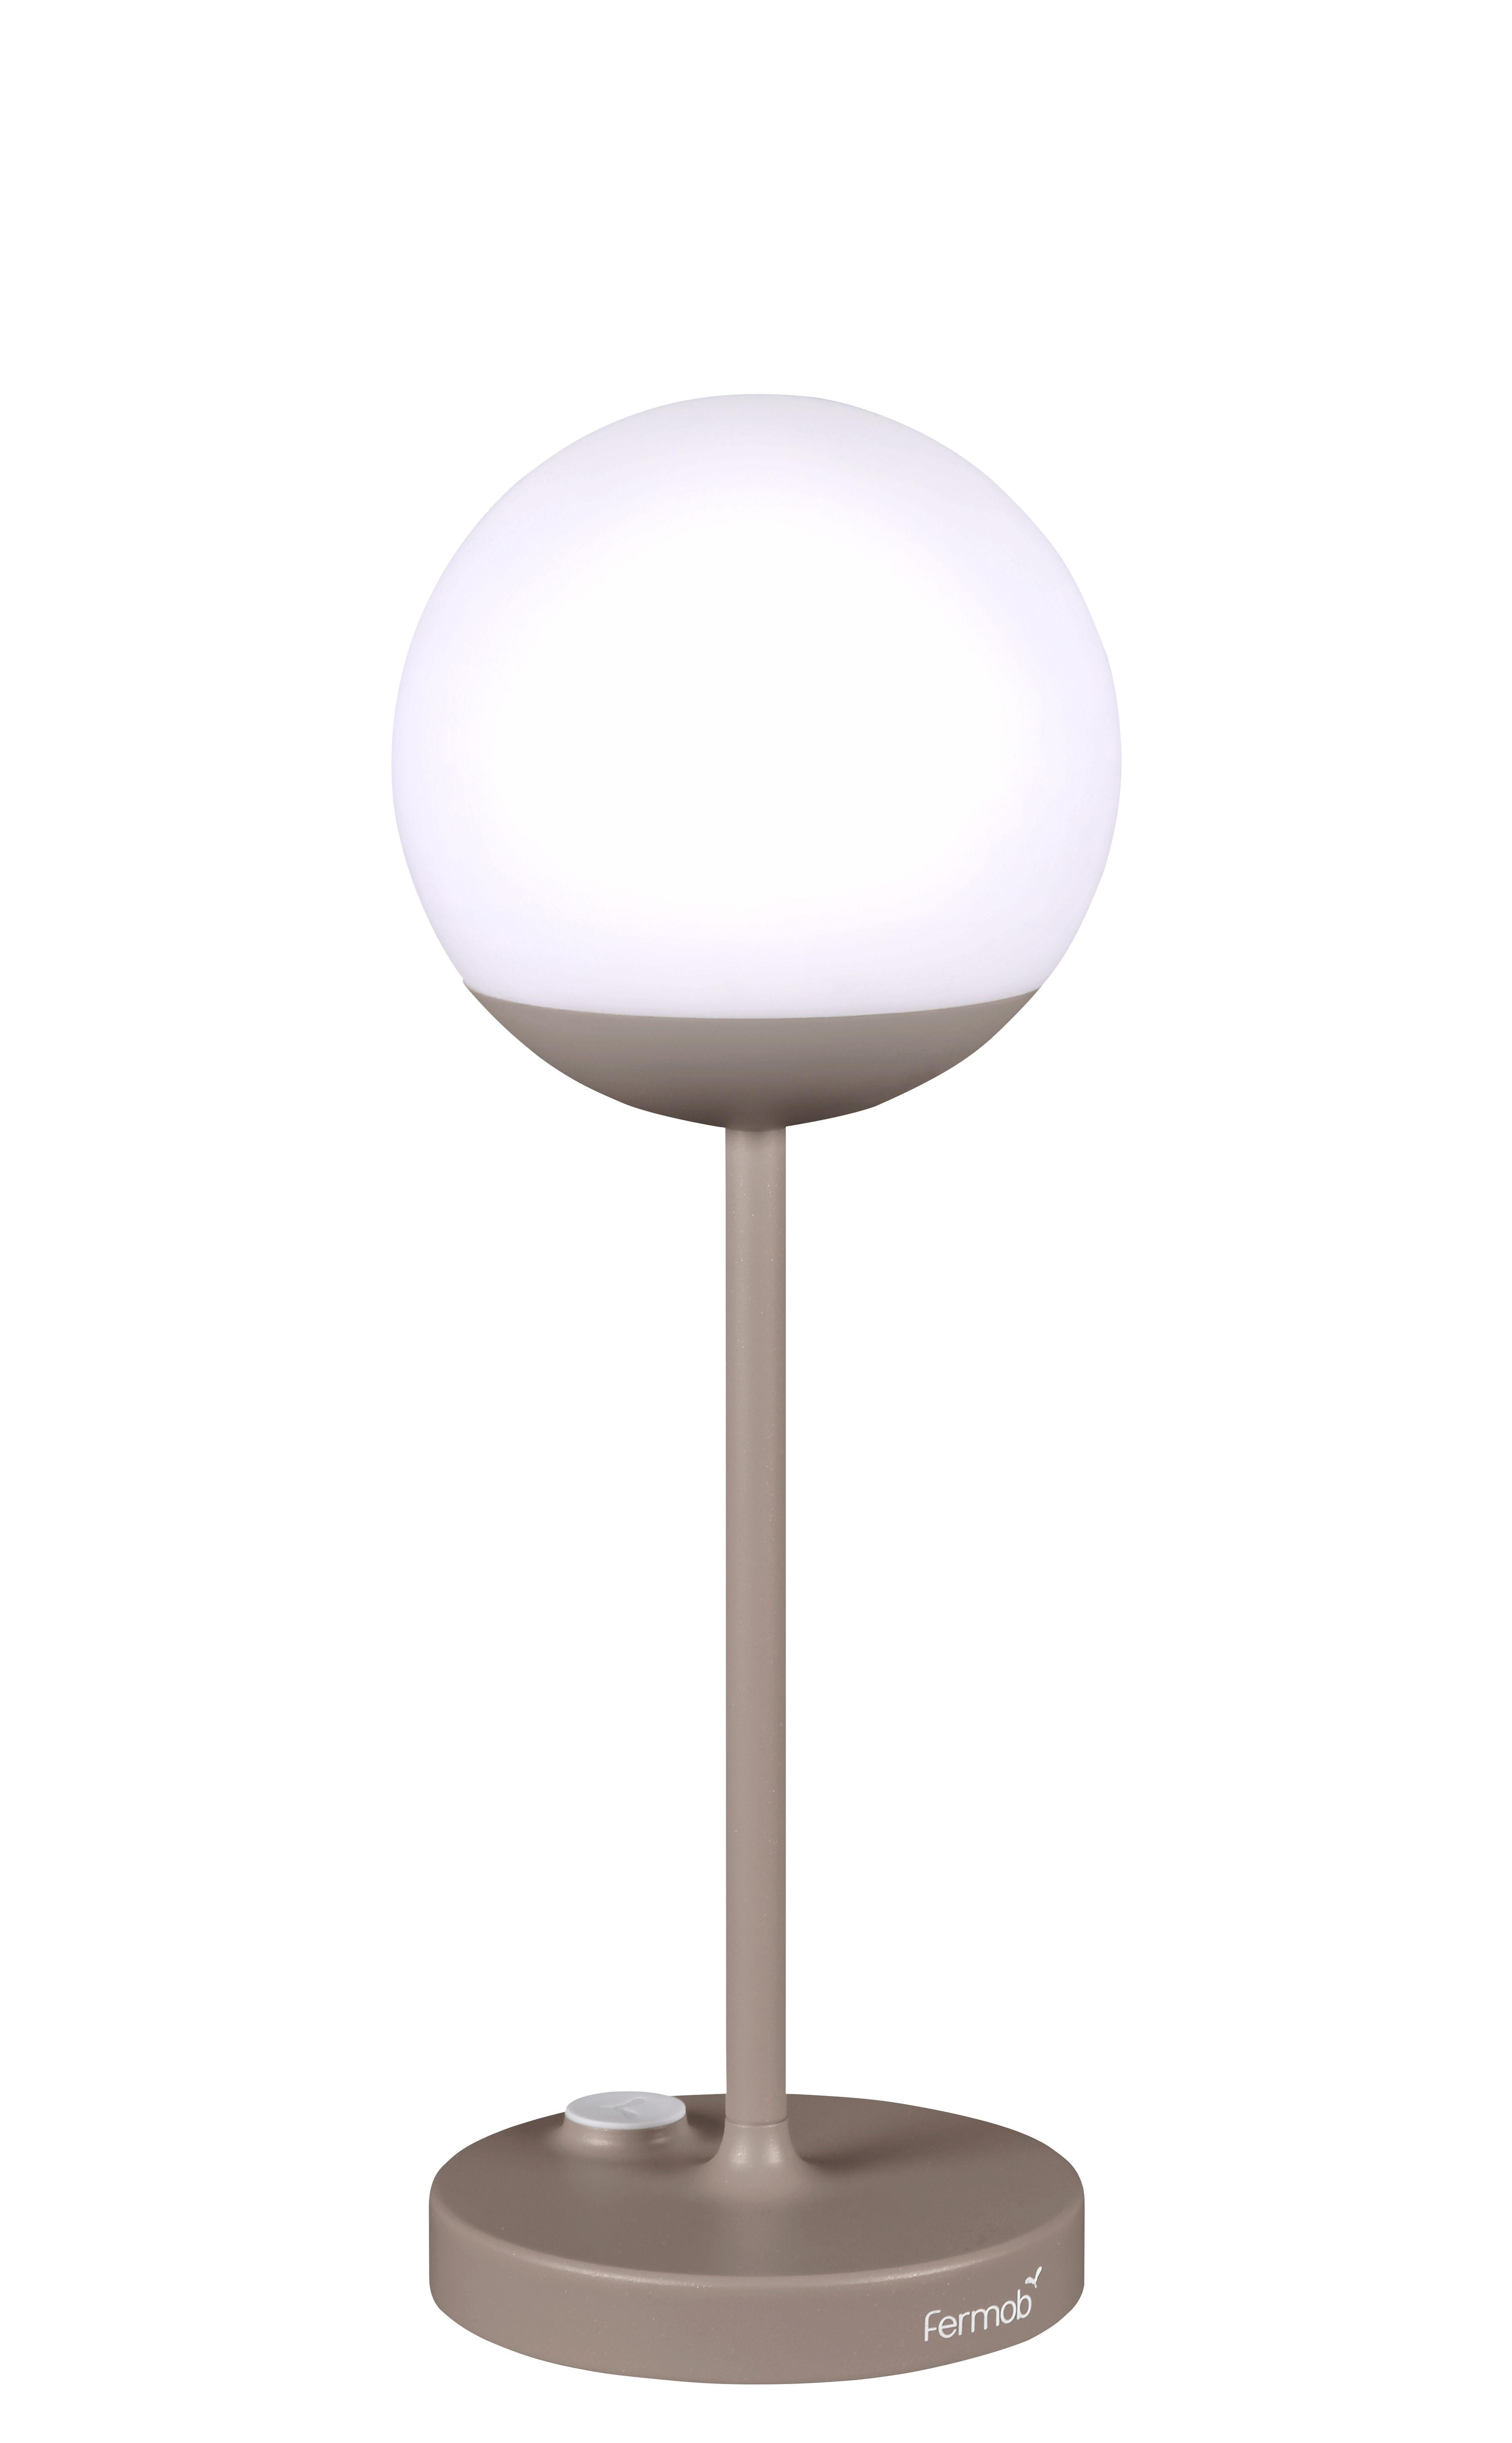 Illuminazione - Lampade da tavolo - Lampada senza fili Mooon! LED - / H 41 cm - Ricarica USB di Fermob - Noce moscata - Alluminio, Polietilene